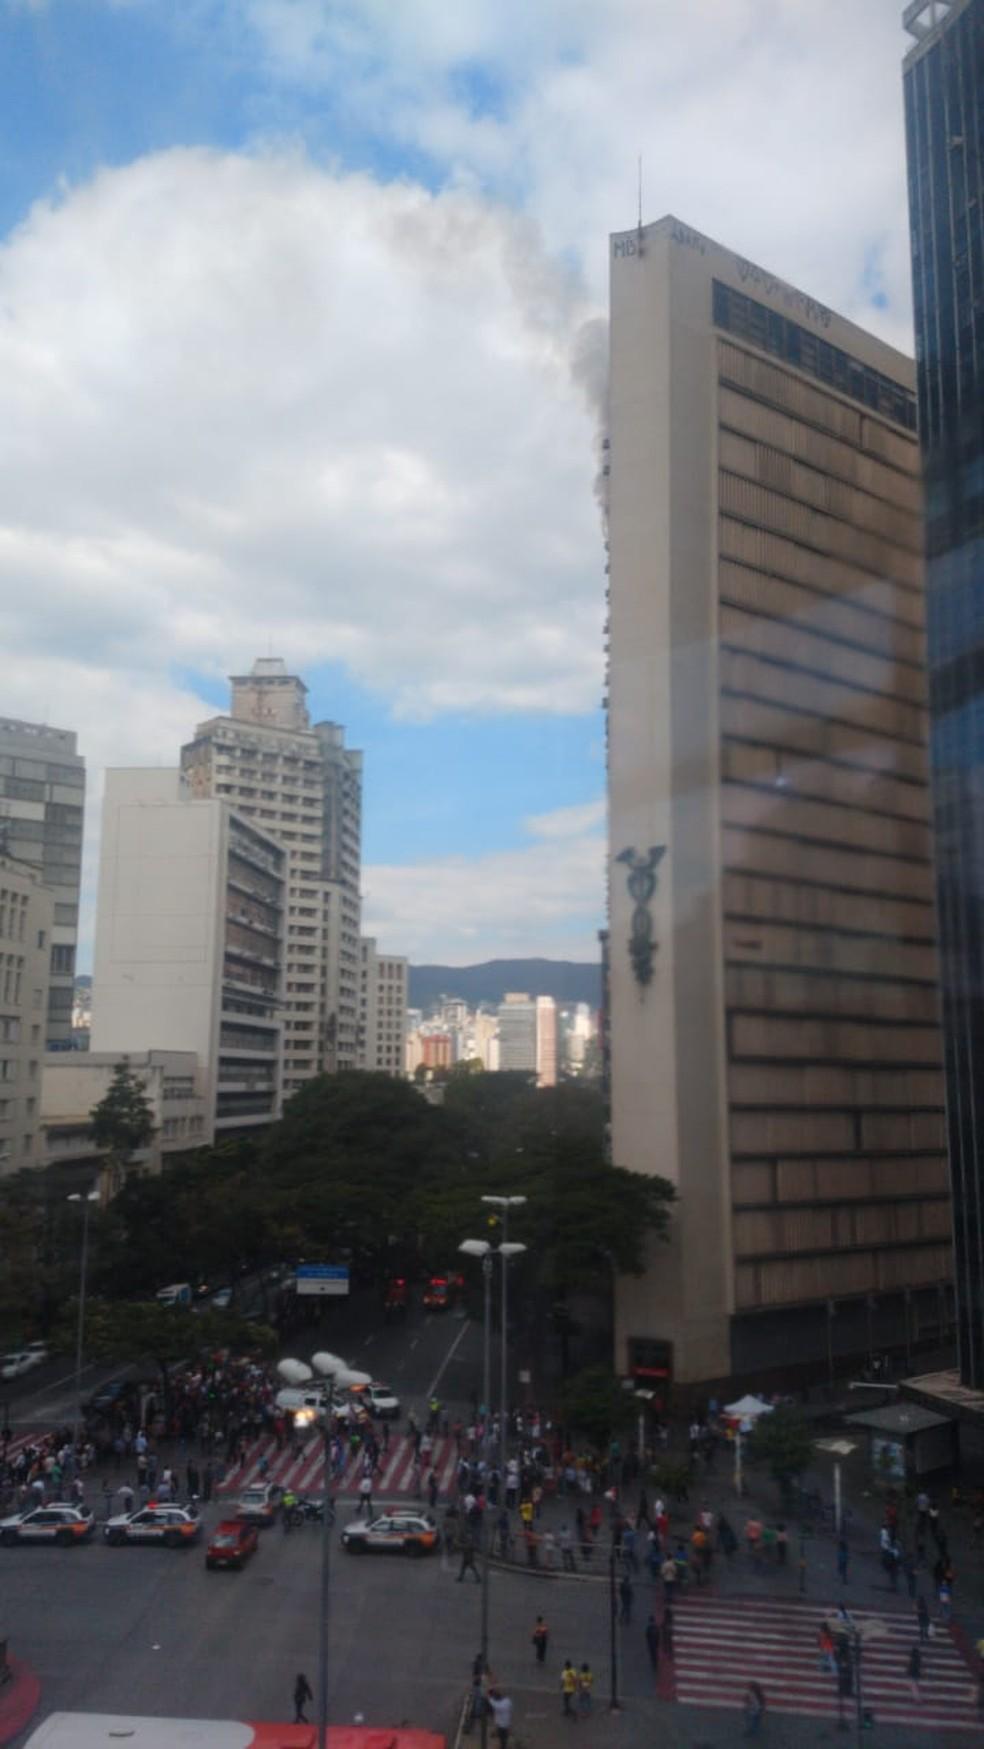 Fogo no Edifício Clemente Faria, em Belo Horizonte — Foto: Reprodução/Redes sociais